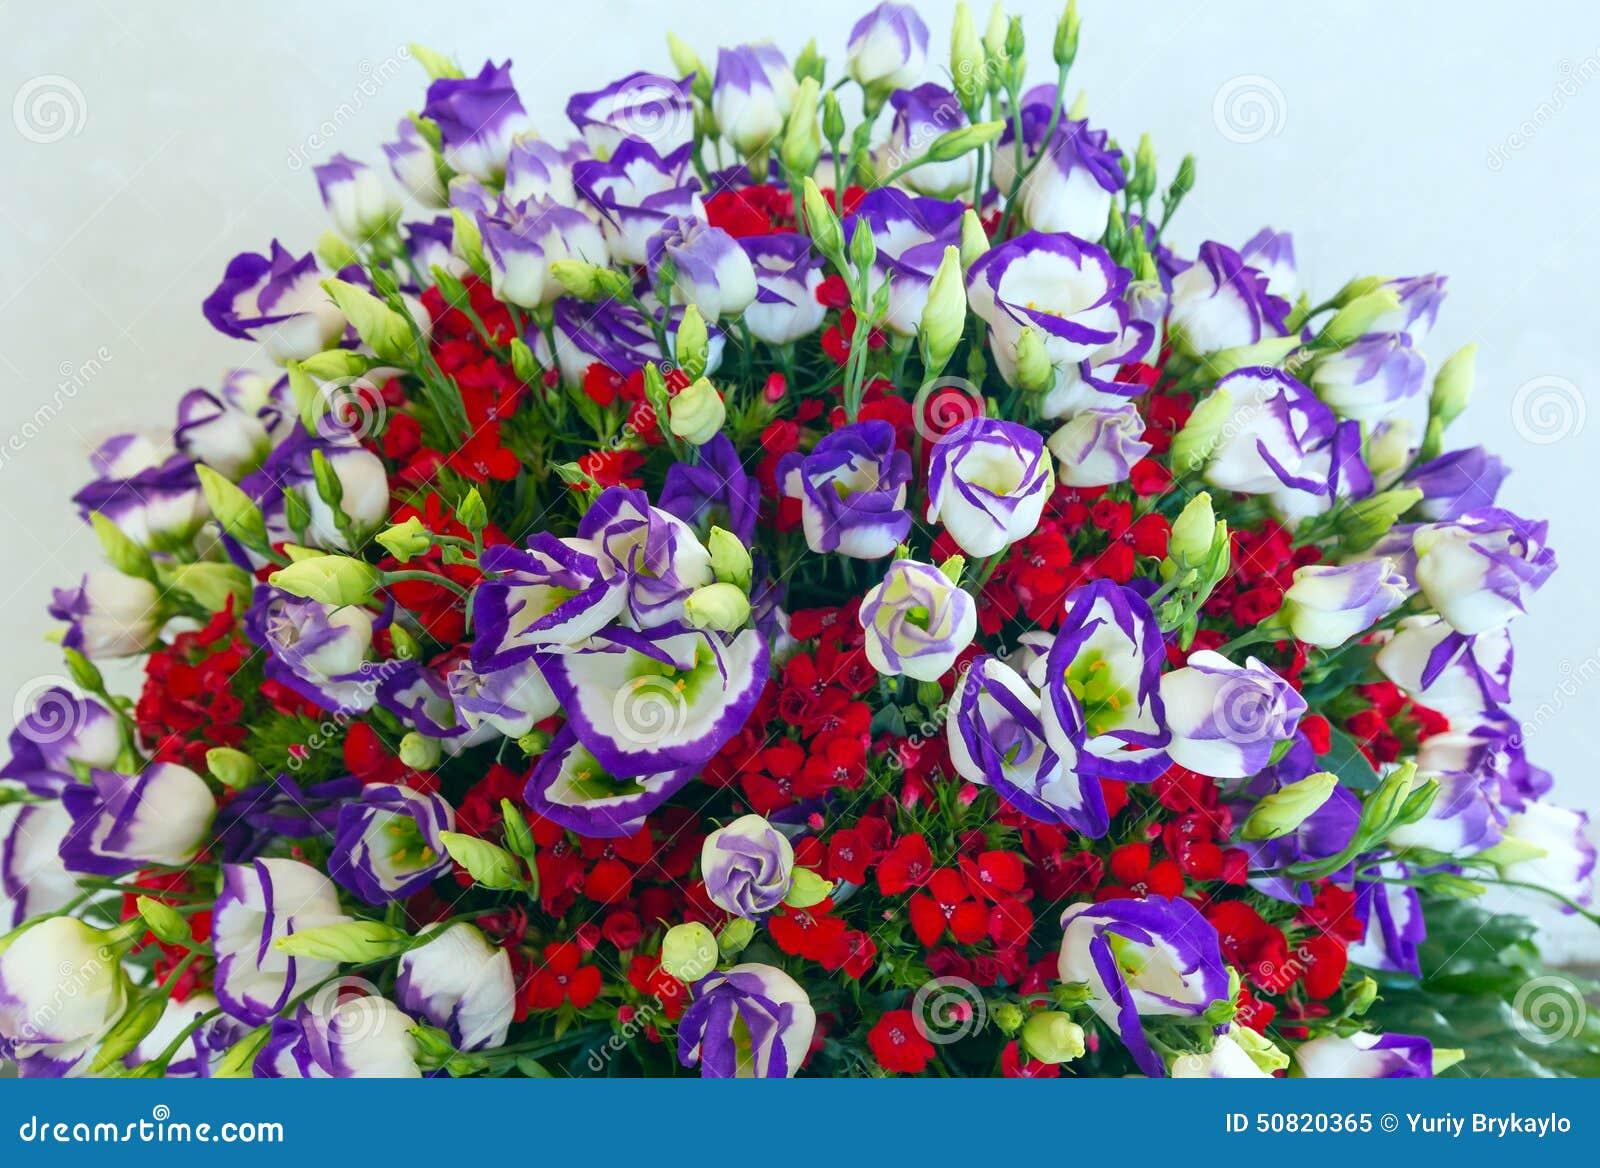 Fabuleux Grand Bouquet Merveilleux De Fleurs Photo stock - Image: 50820365 HW58